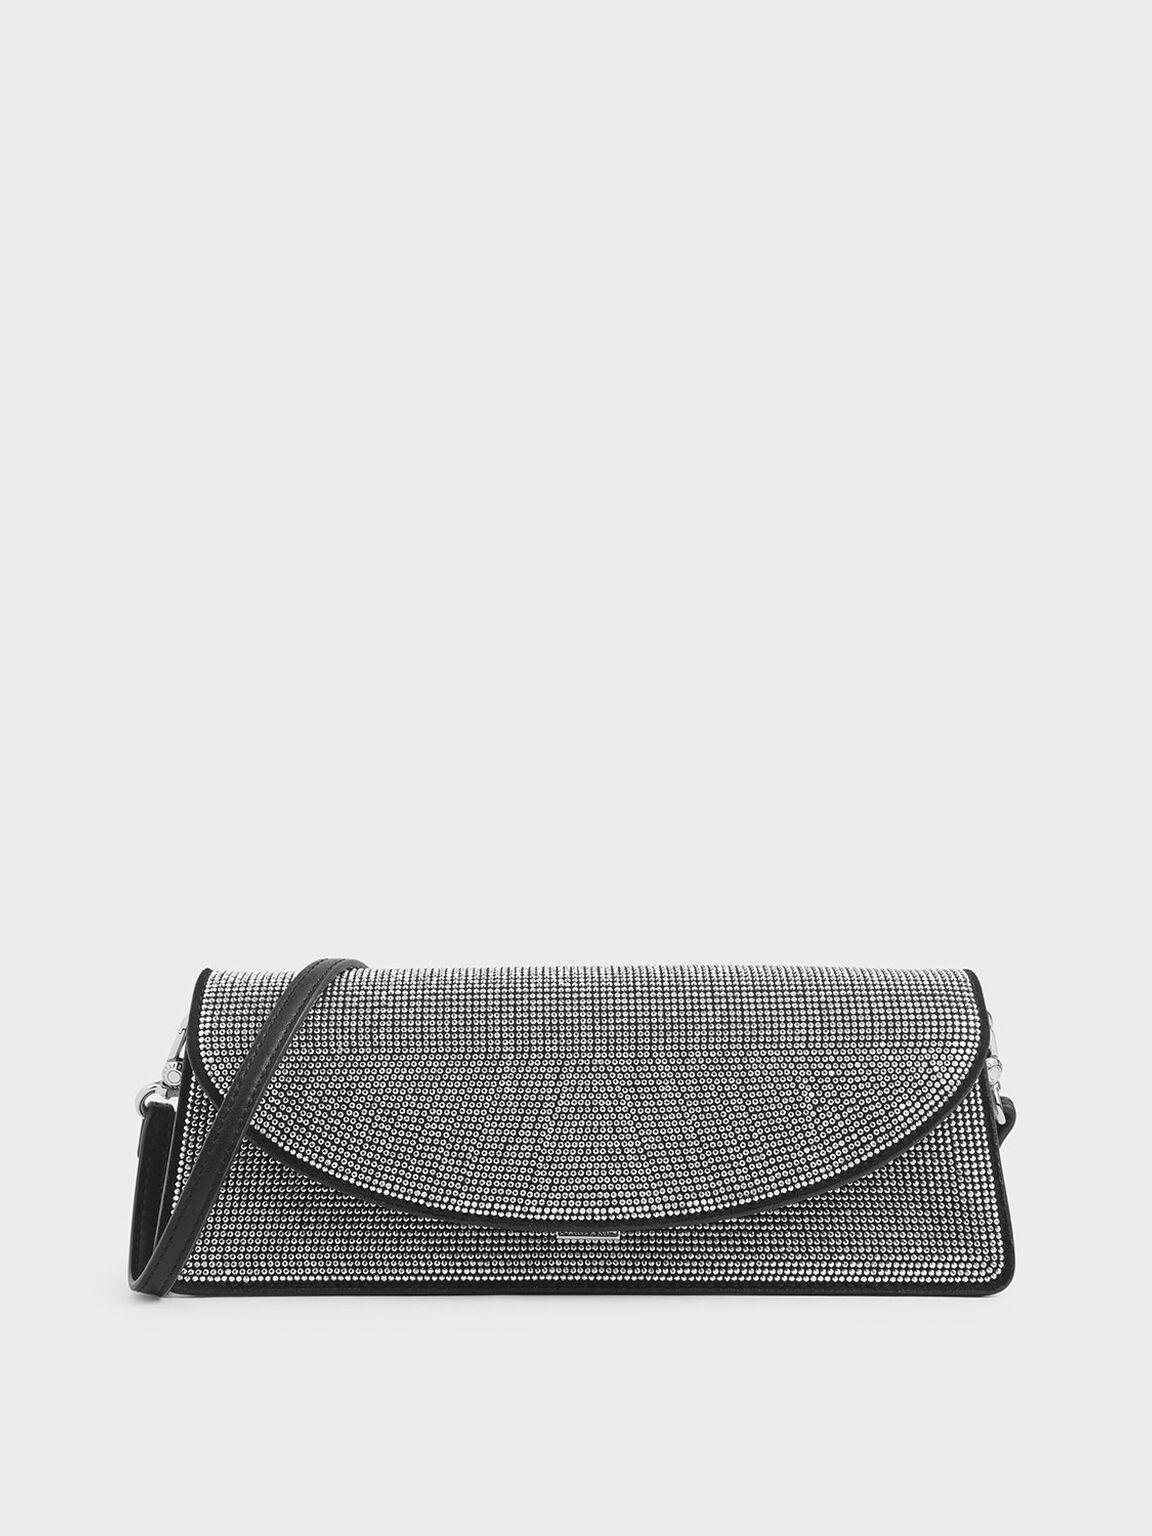 Embellished Long Clutch, Black, hi-res